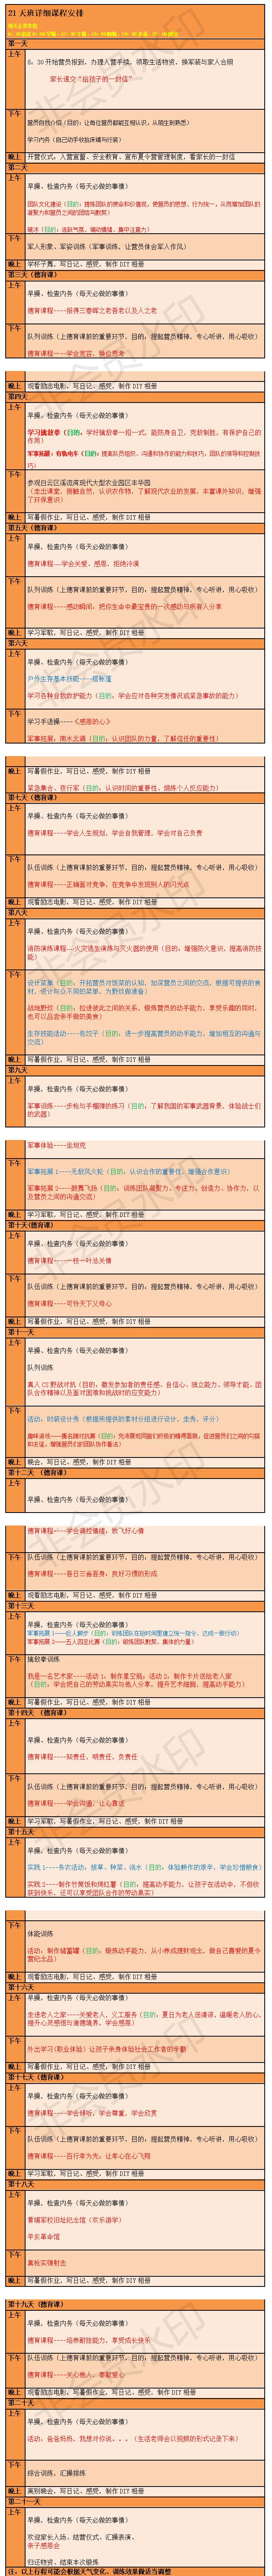 德育营21天课程_看图王.png